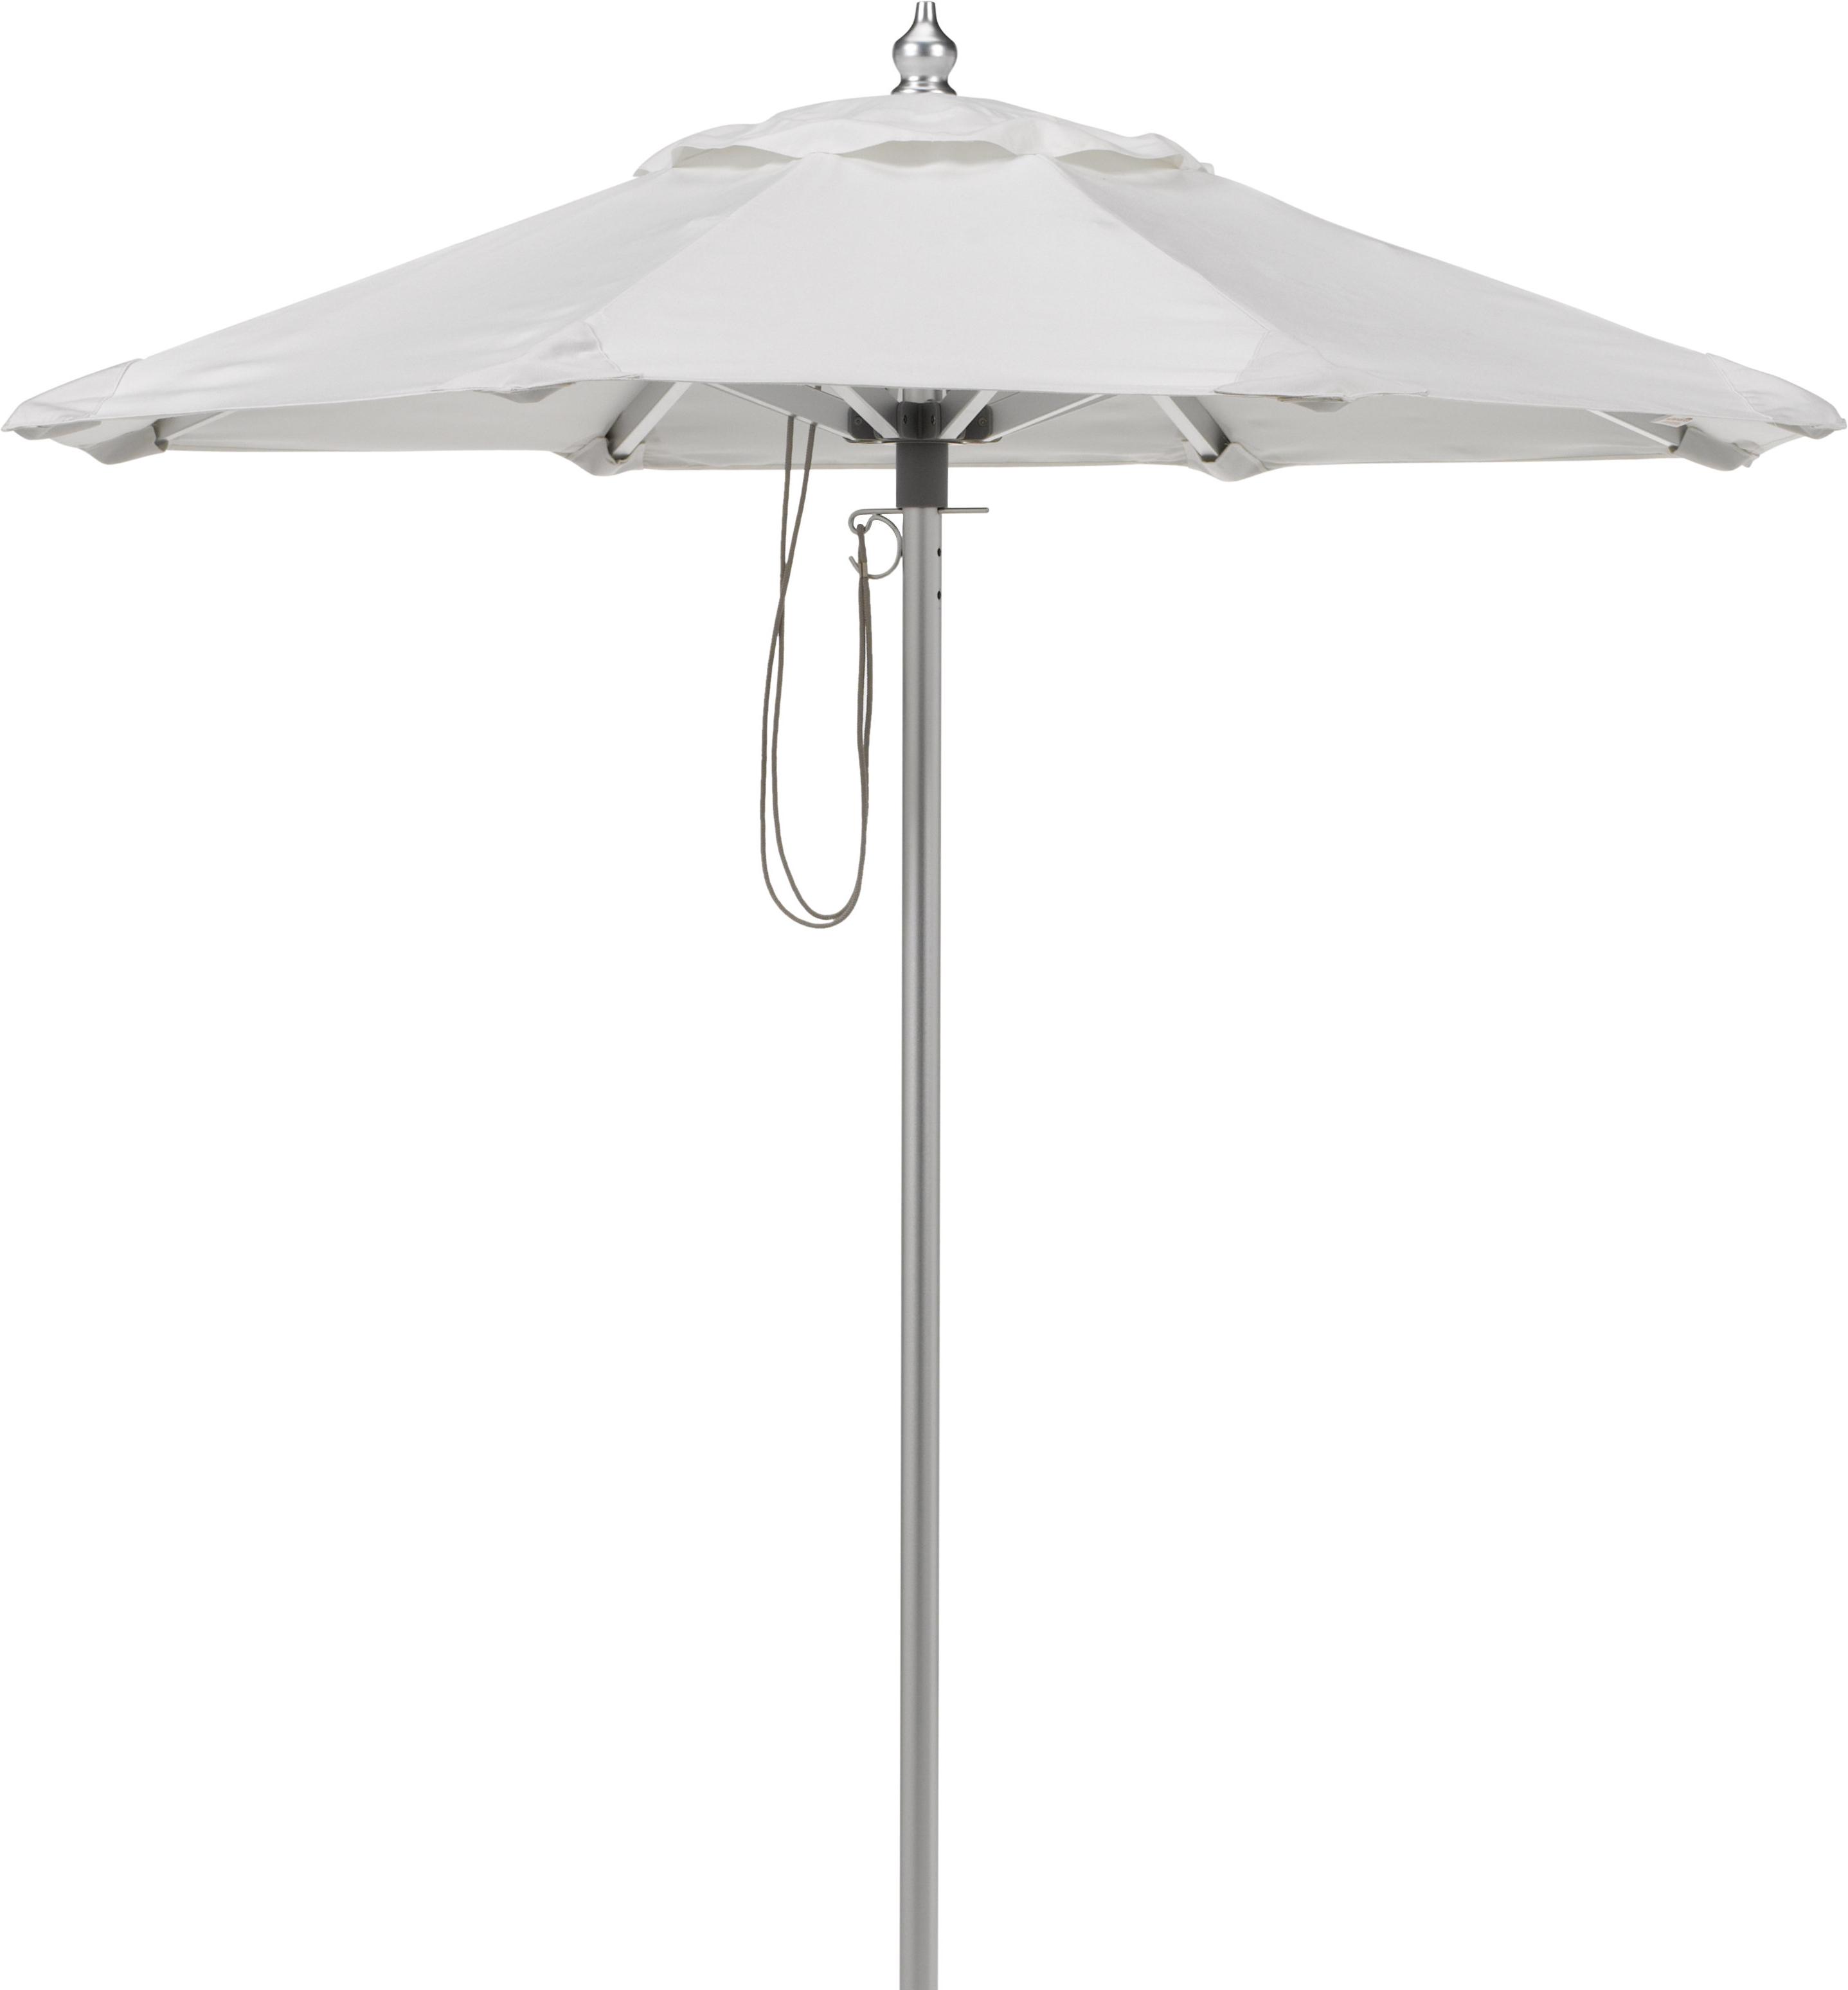 2019 Caravelle Square Market Sunbrella Umbrellas Regarding Stambaugh 6' Market Umbrella (View 9 of 20)